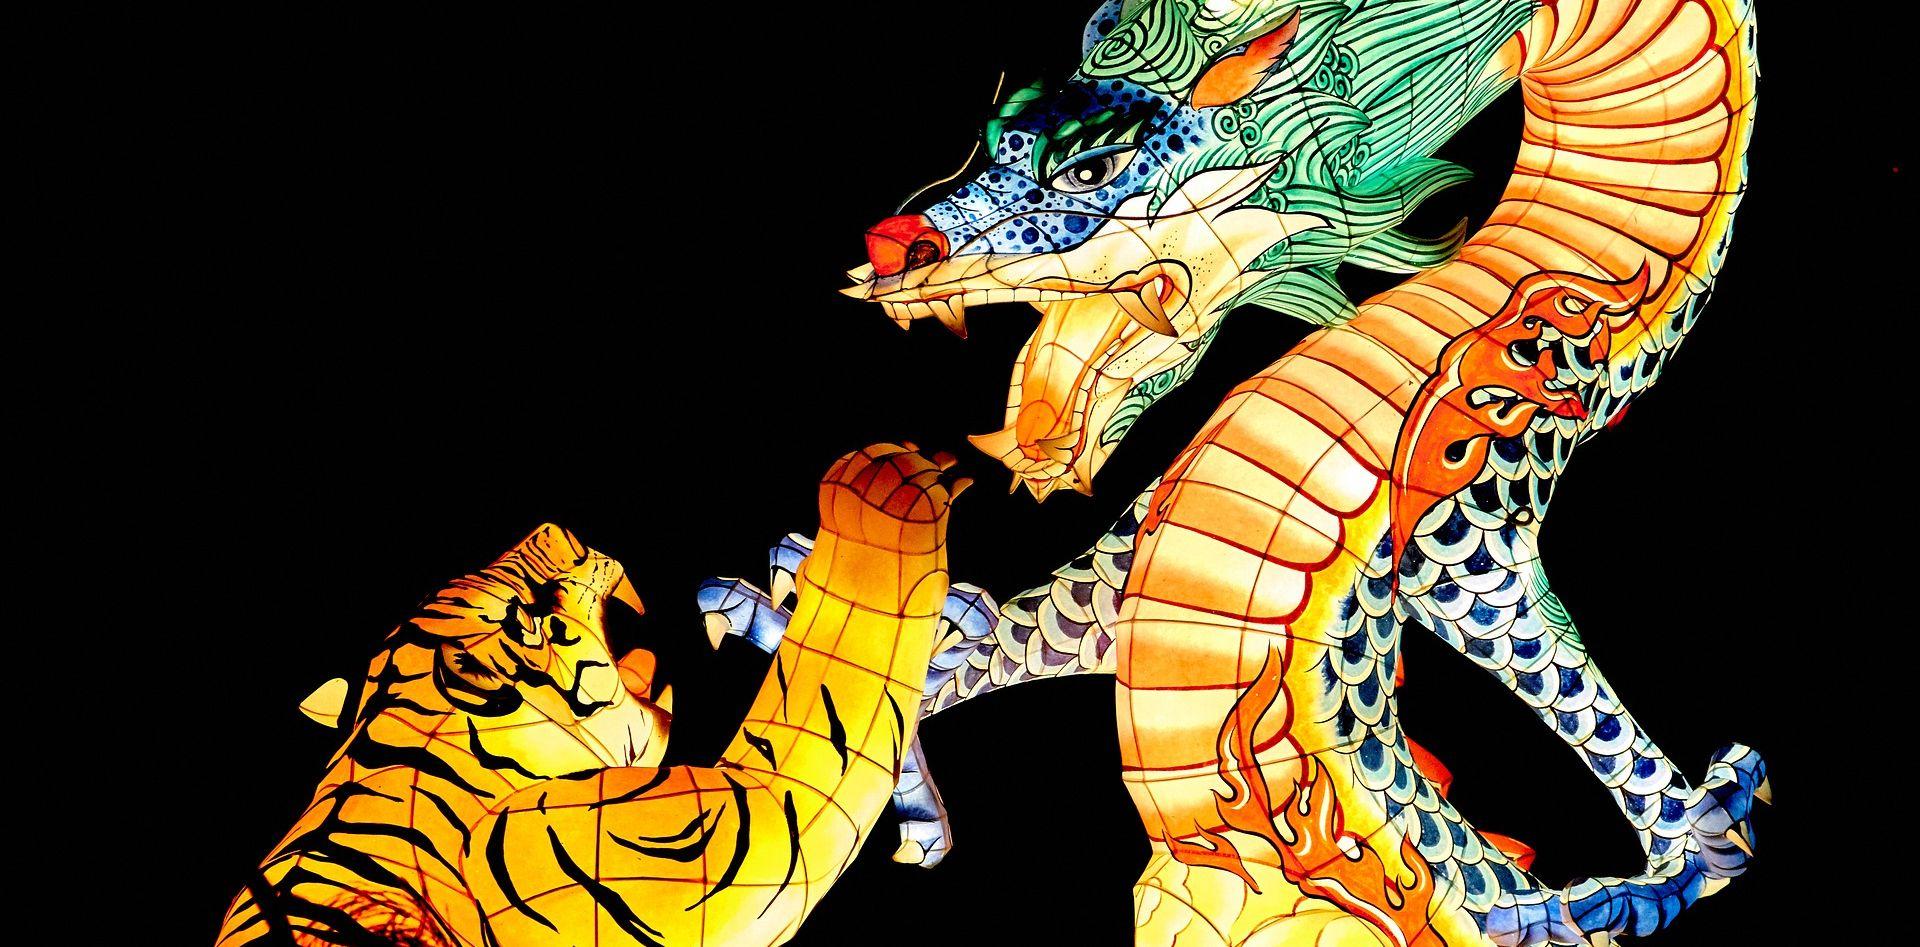 tiger-3543416_1920